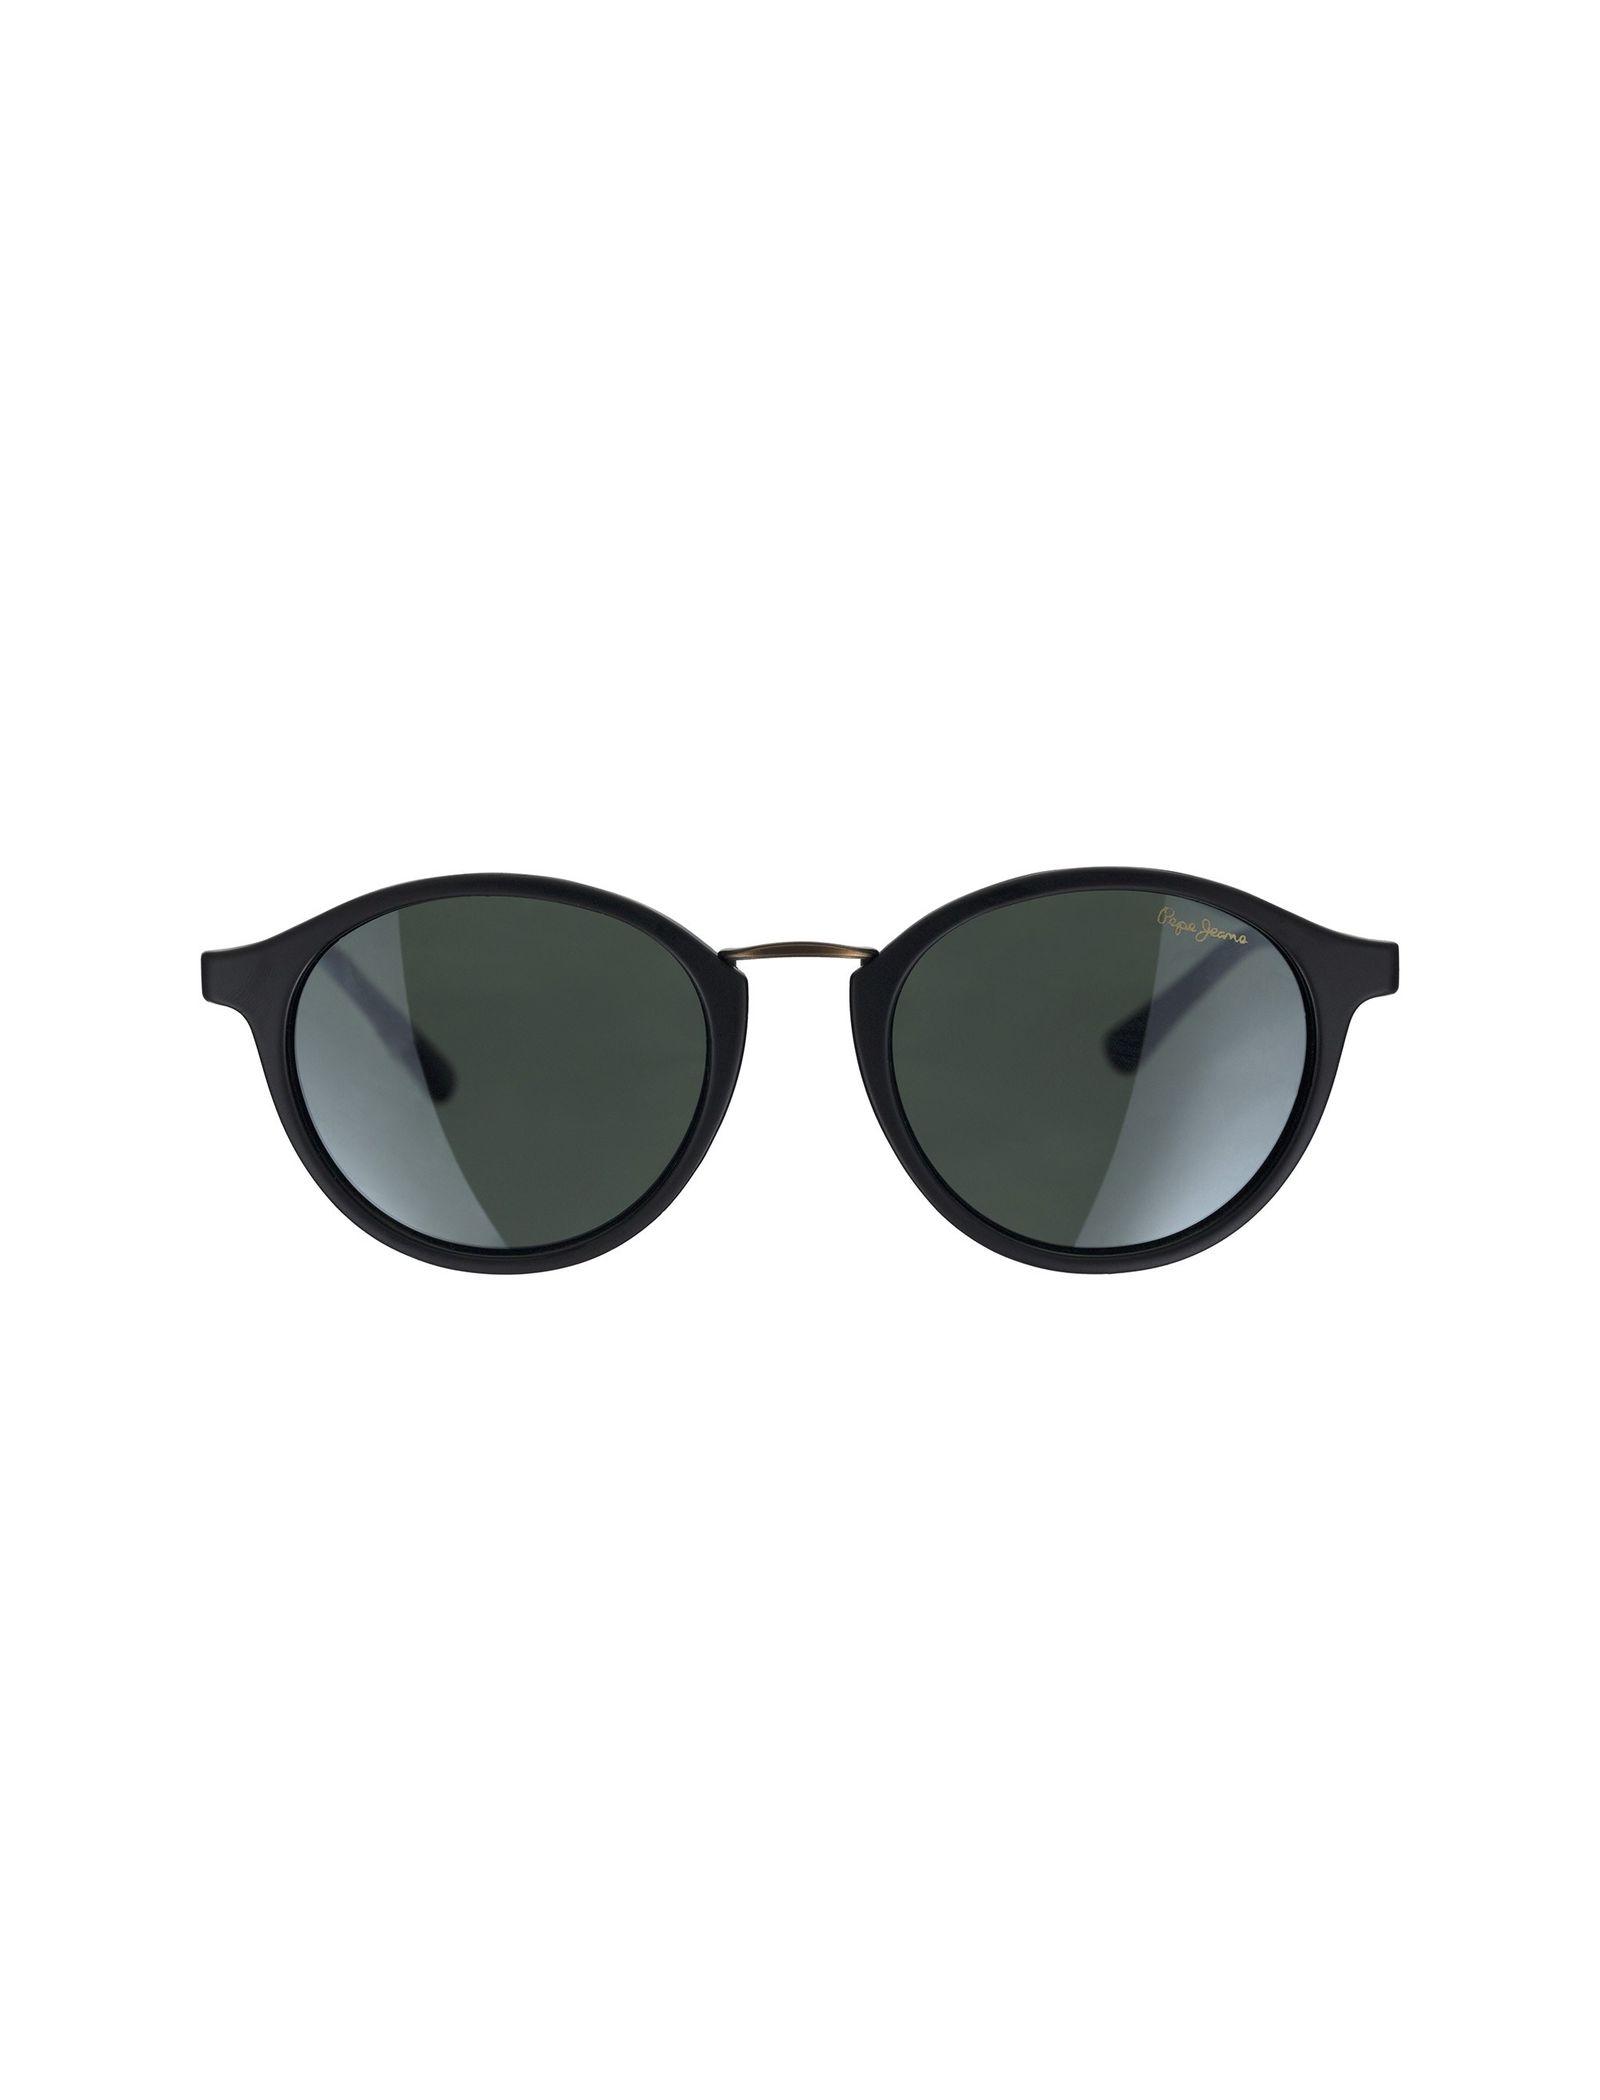 عینک آفتابی پنتوس زنانه - پپه جینز - مشکي        - 1